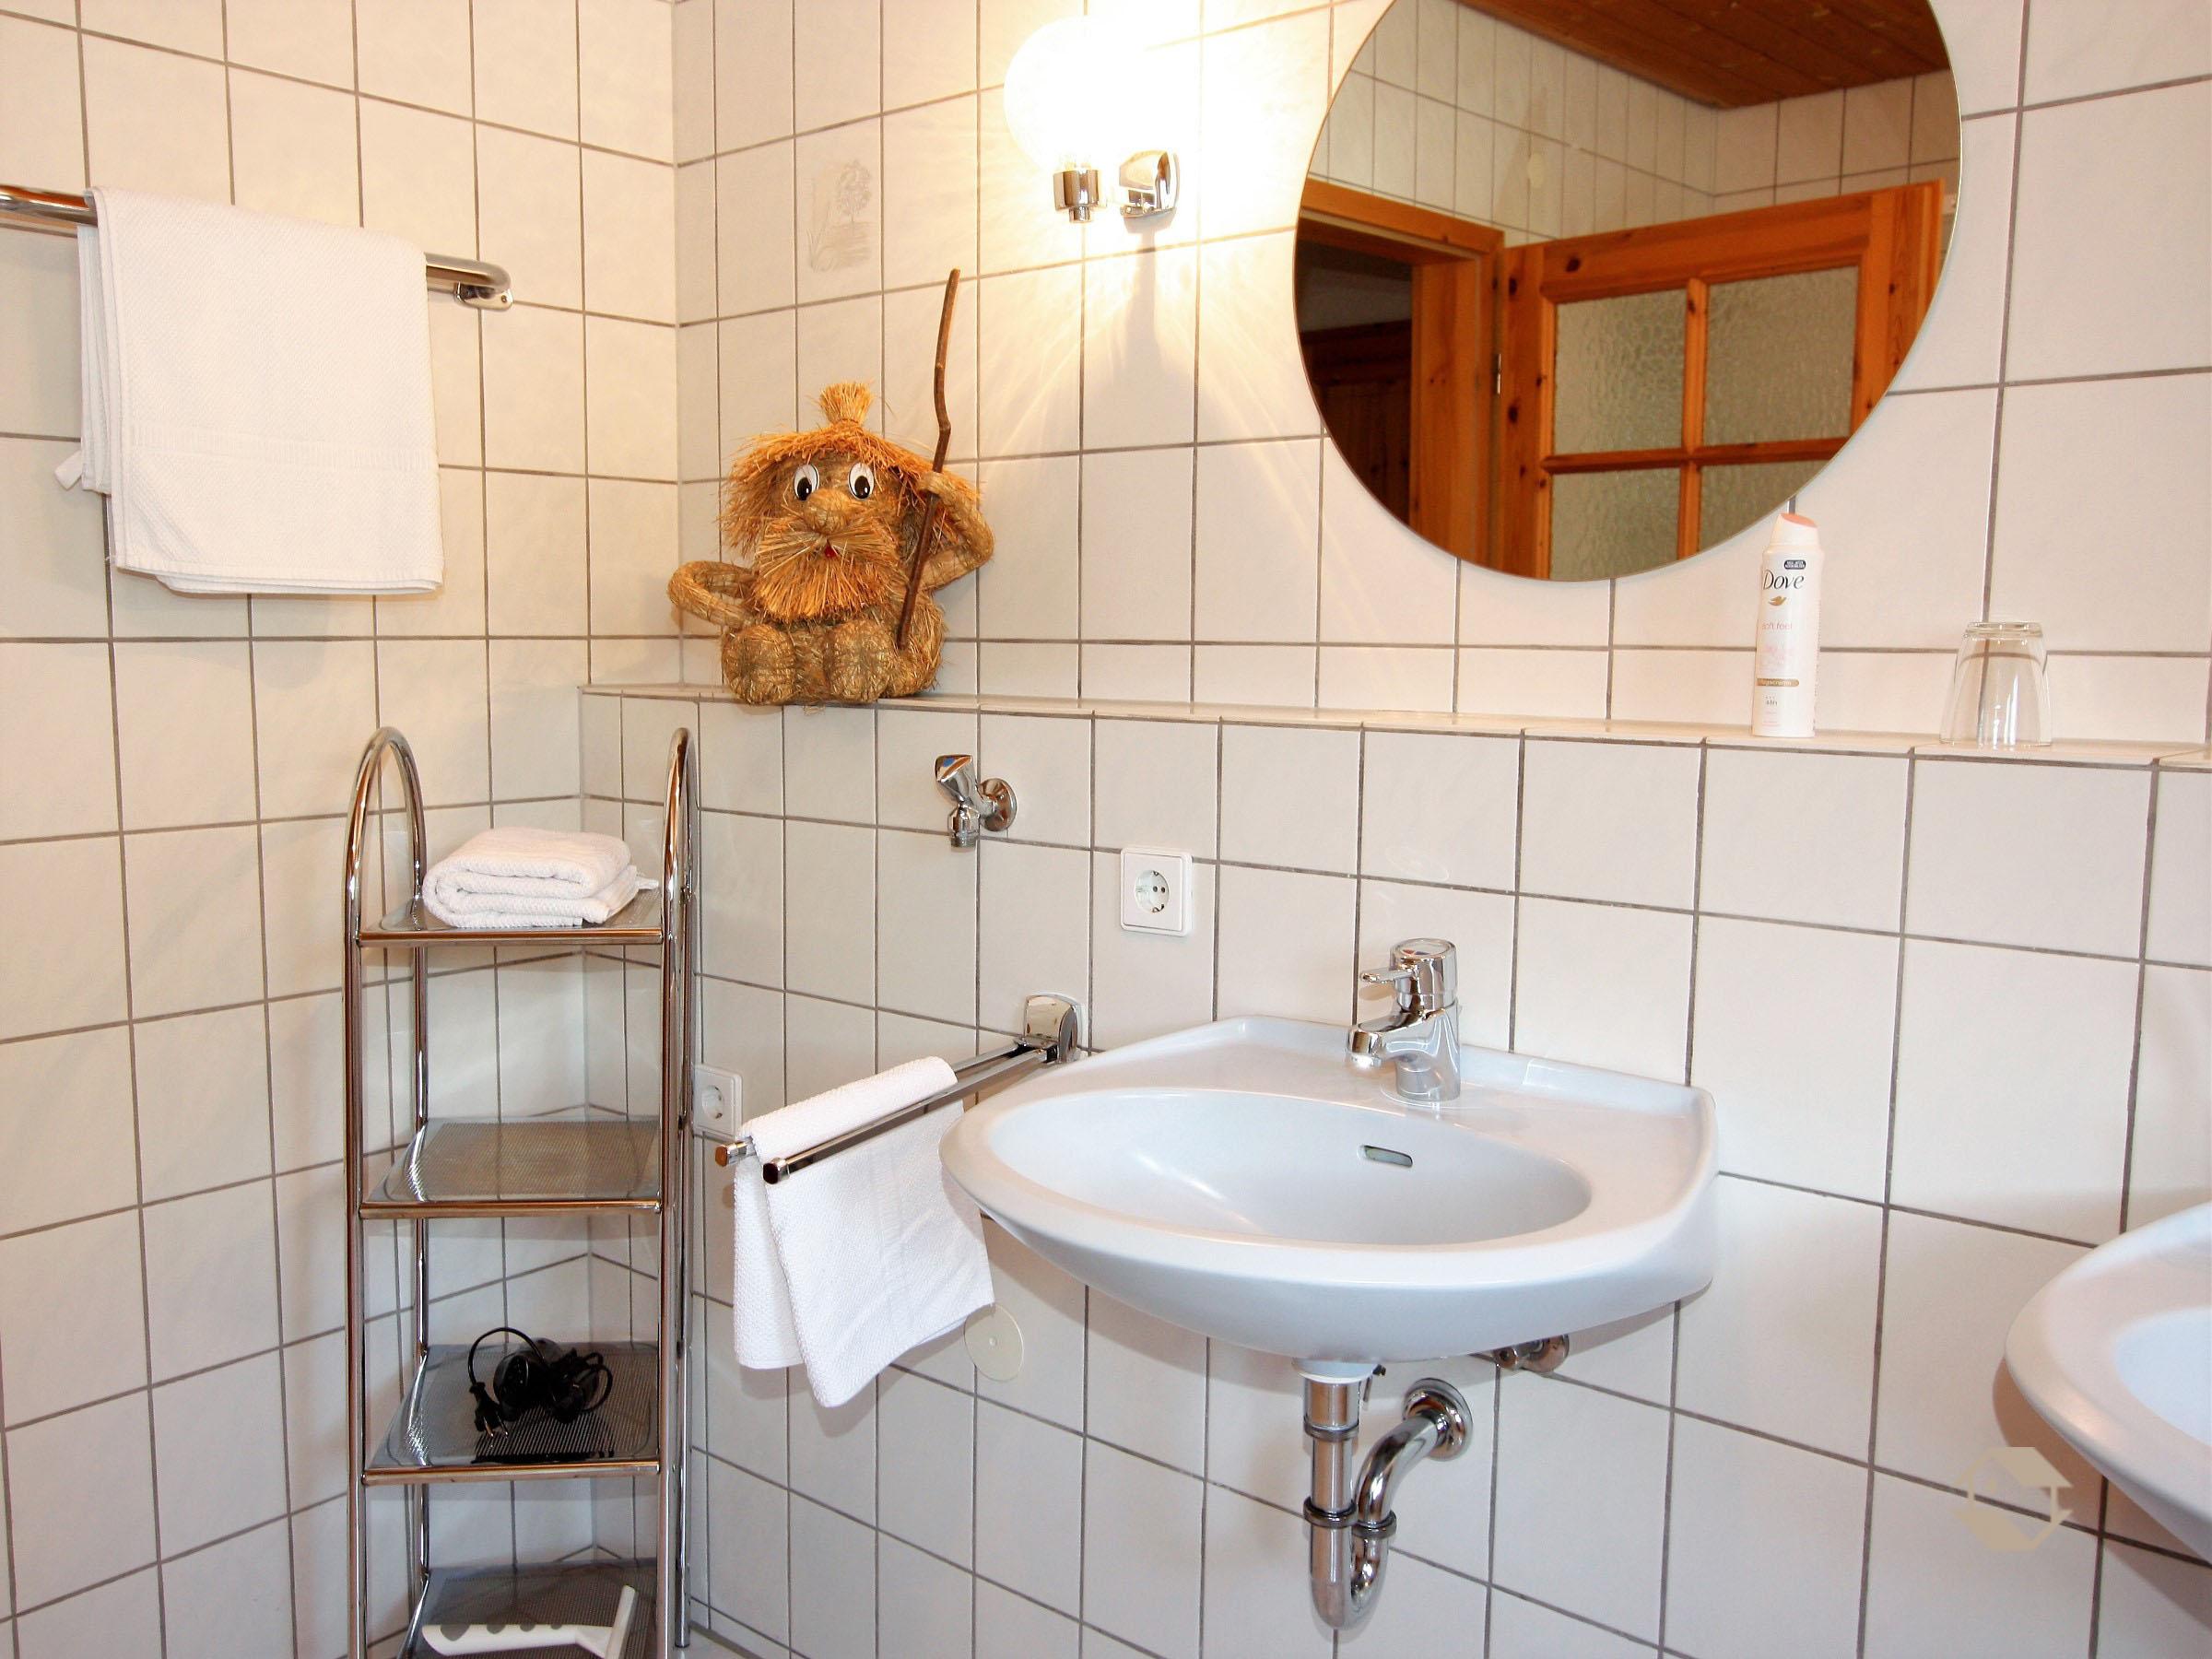 Ferienwohnung Haus Kandelblick, (Furtwangen). Ferienwohnung Feldbergblick, 70qm, 2 Schlafzimmer, 1 Wohn- (2717401), Furtwangen, Schwarzwald, Baden-Württemberg, Deutschland, Bild 25